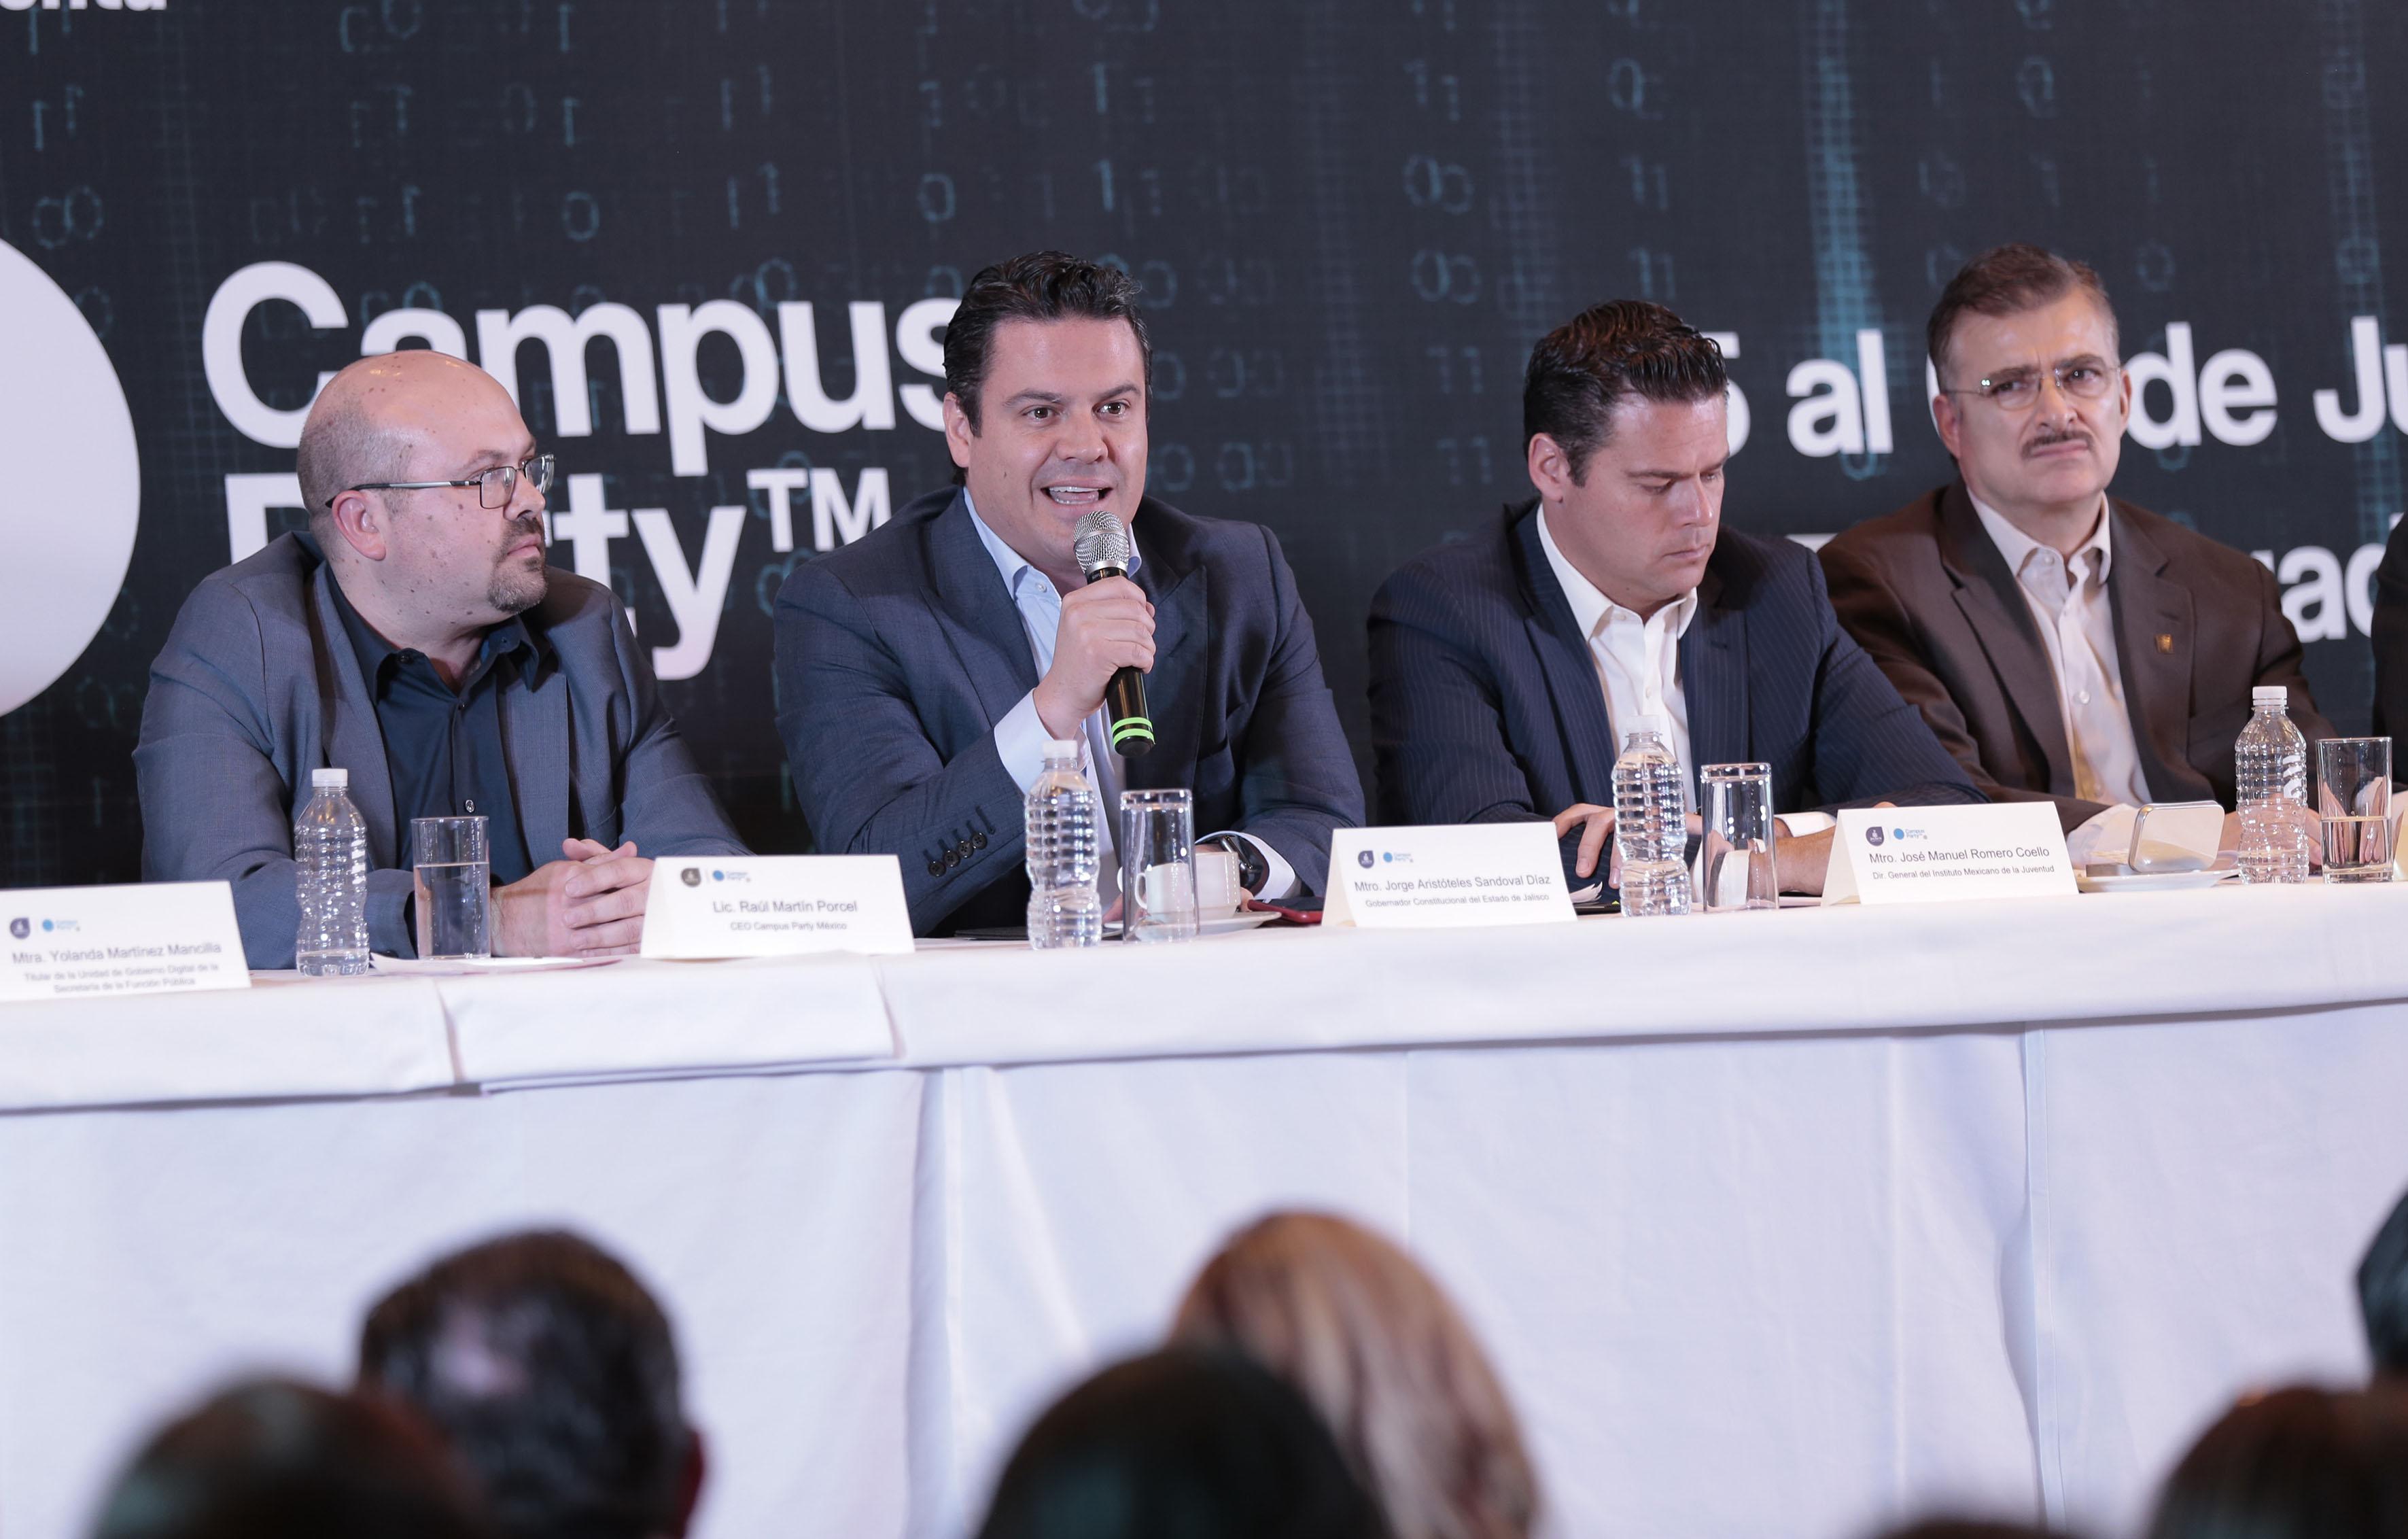 Maestro Jorge Aristóteles Sandoval Díaz, Gobernador del Estado de Jalisco, participando en rueda de prensa.